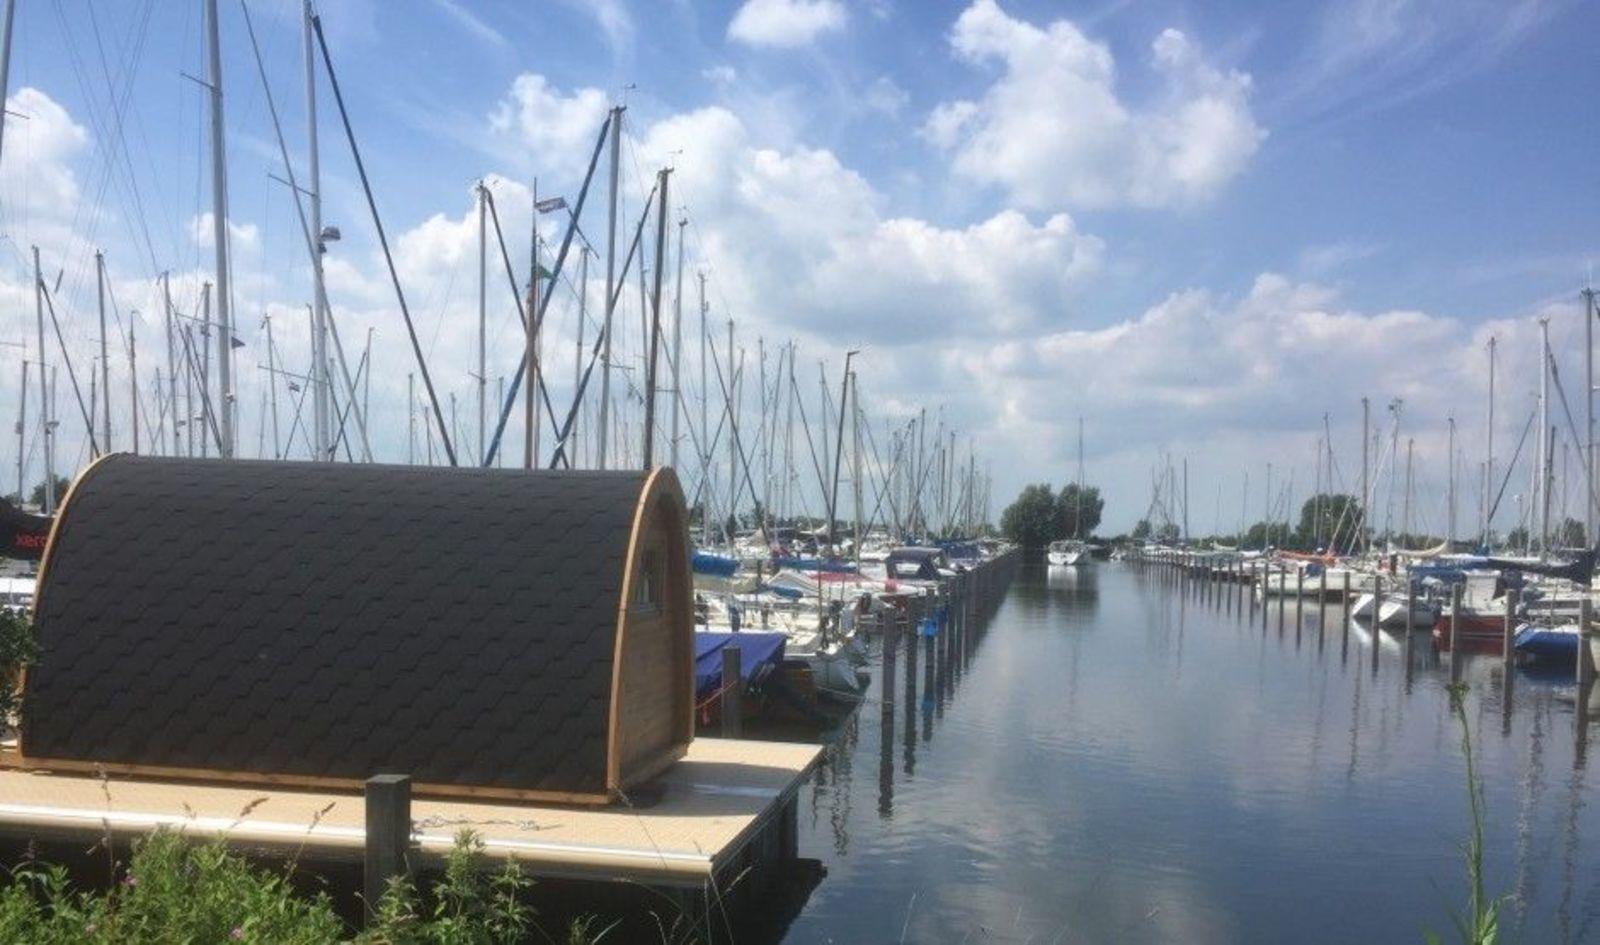 Water Bubble Marina Muiderzand Almere